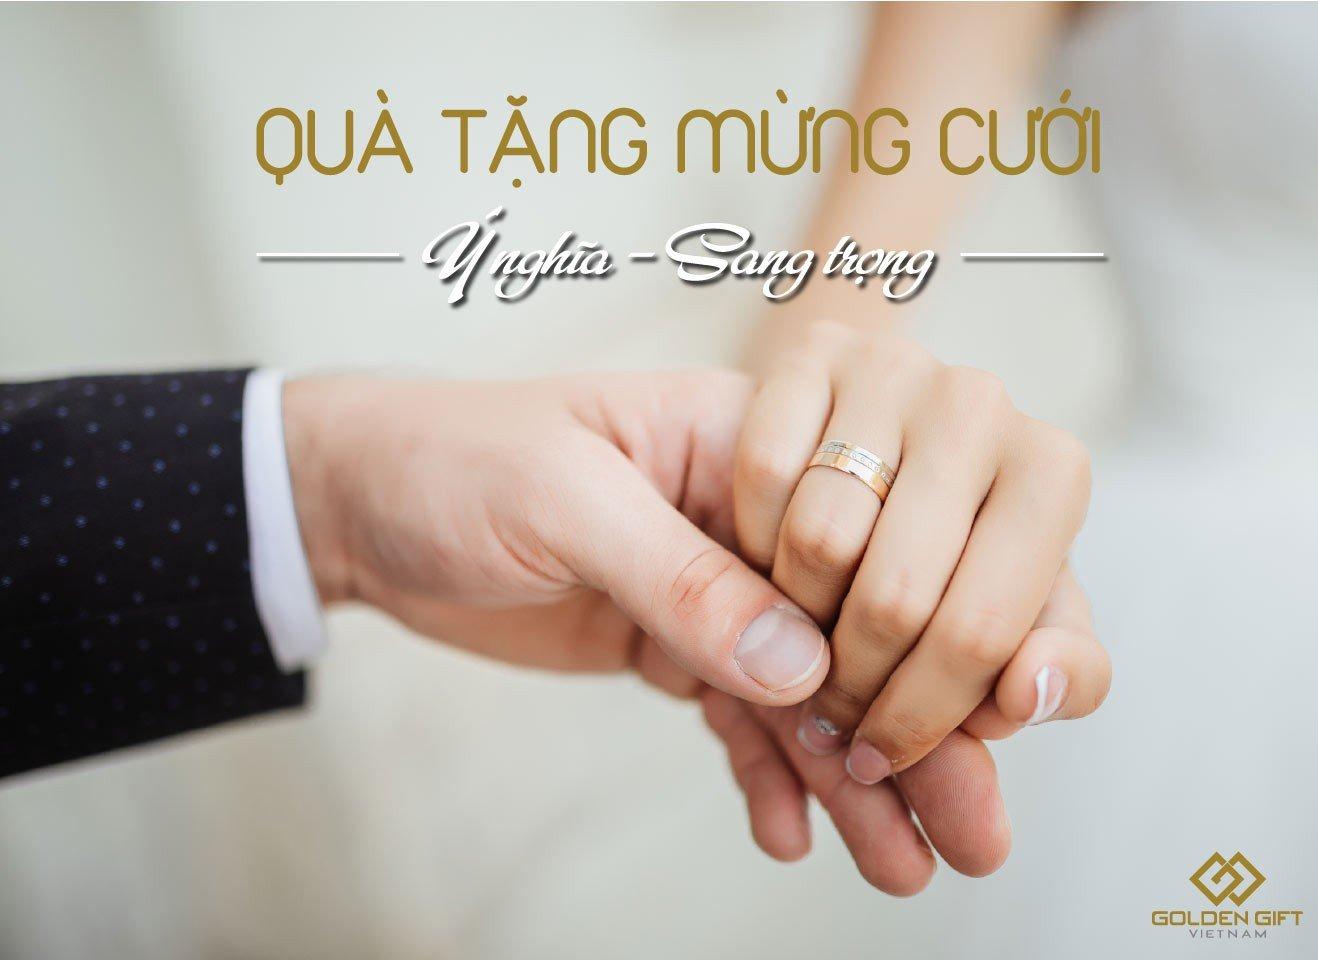 quà tặng kỷ niềm ngày cưới, Quà mừng cưới ý nghĩa ặng cô dâu chú rể